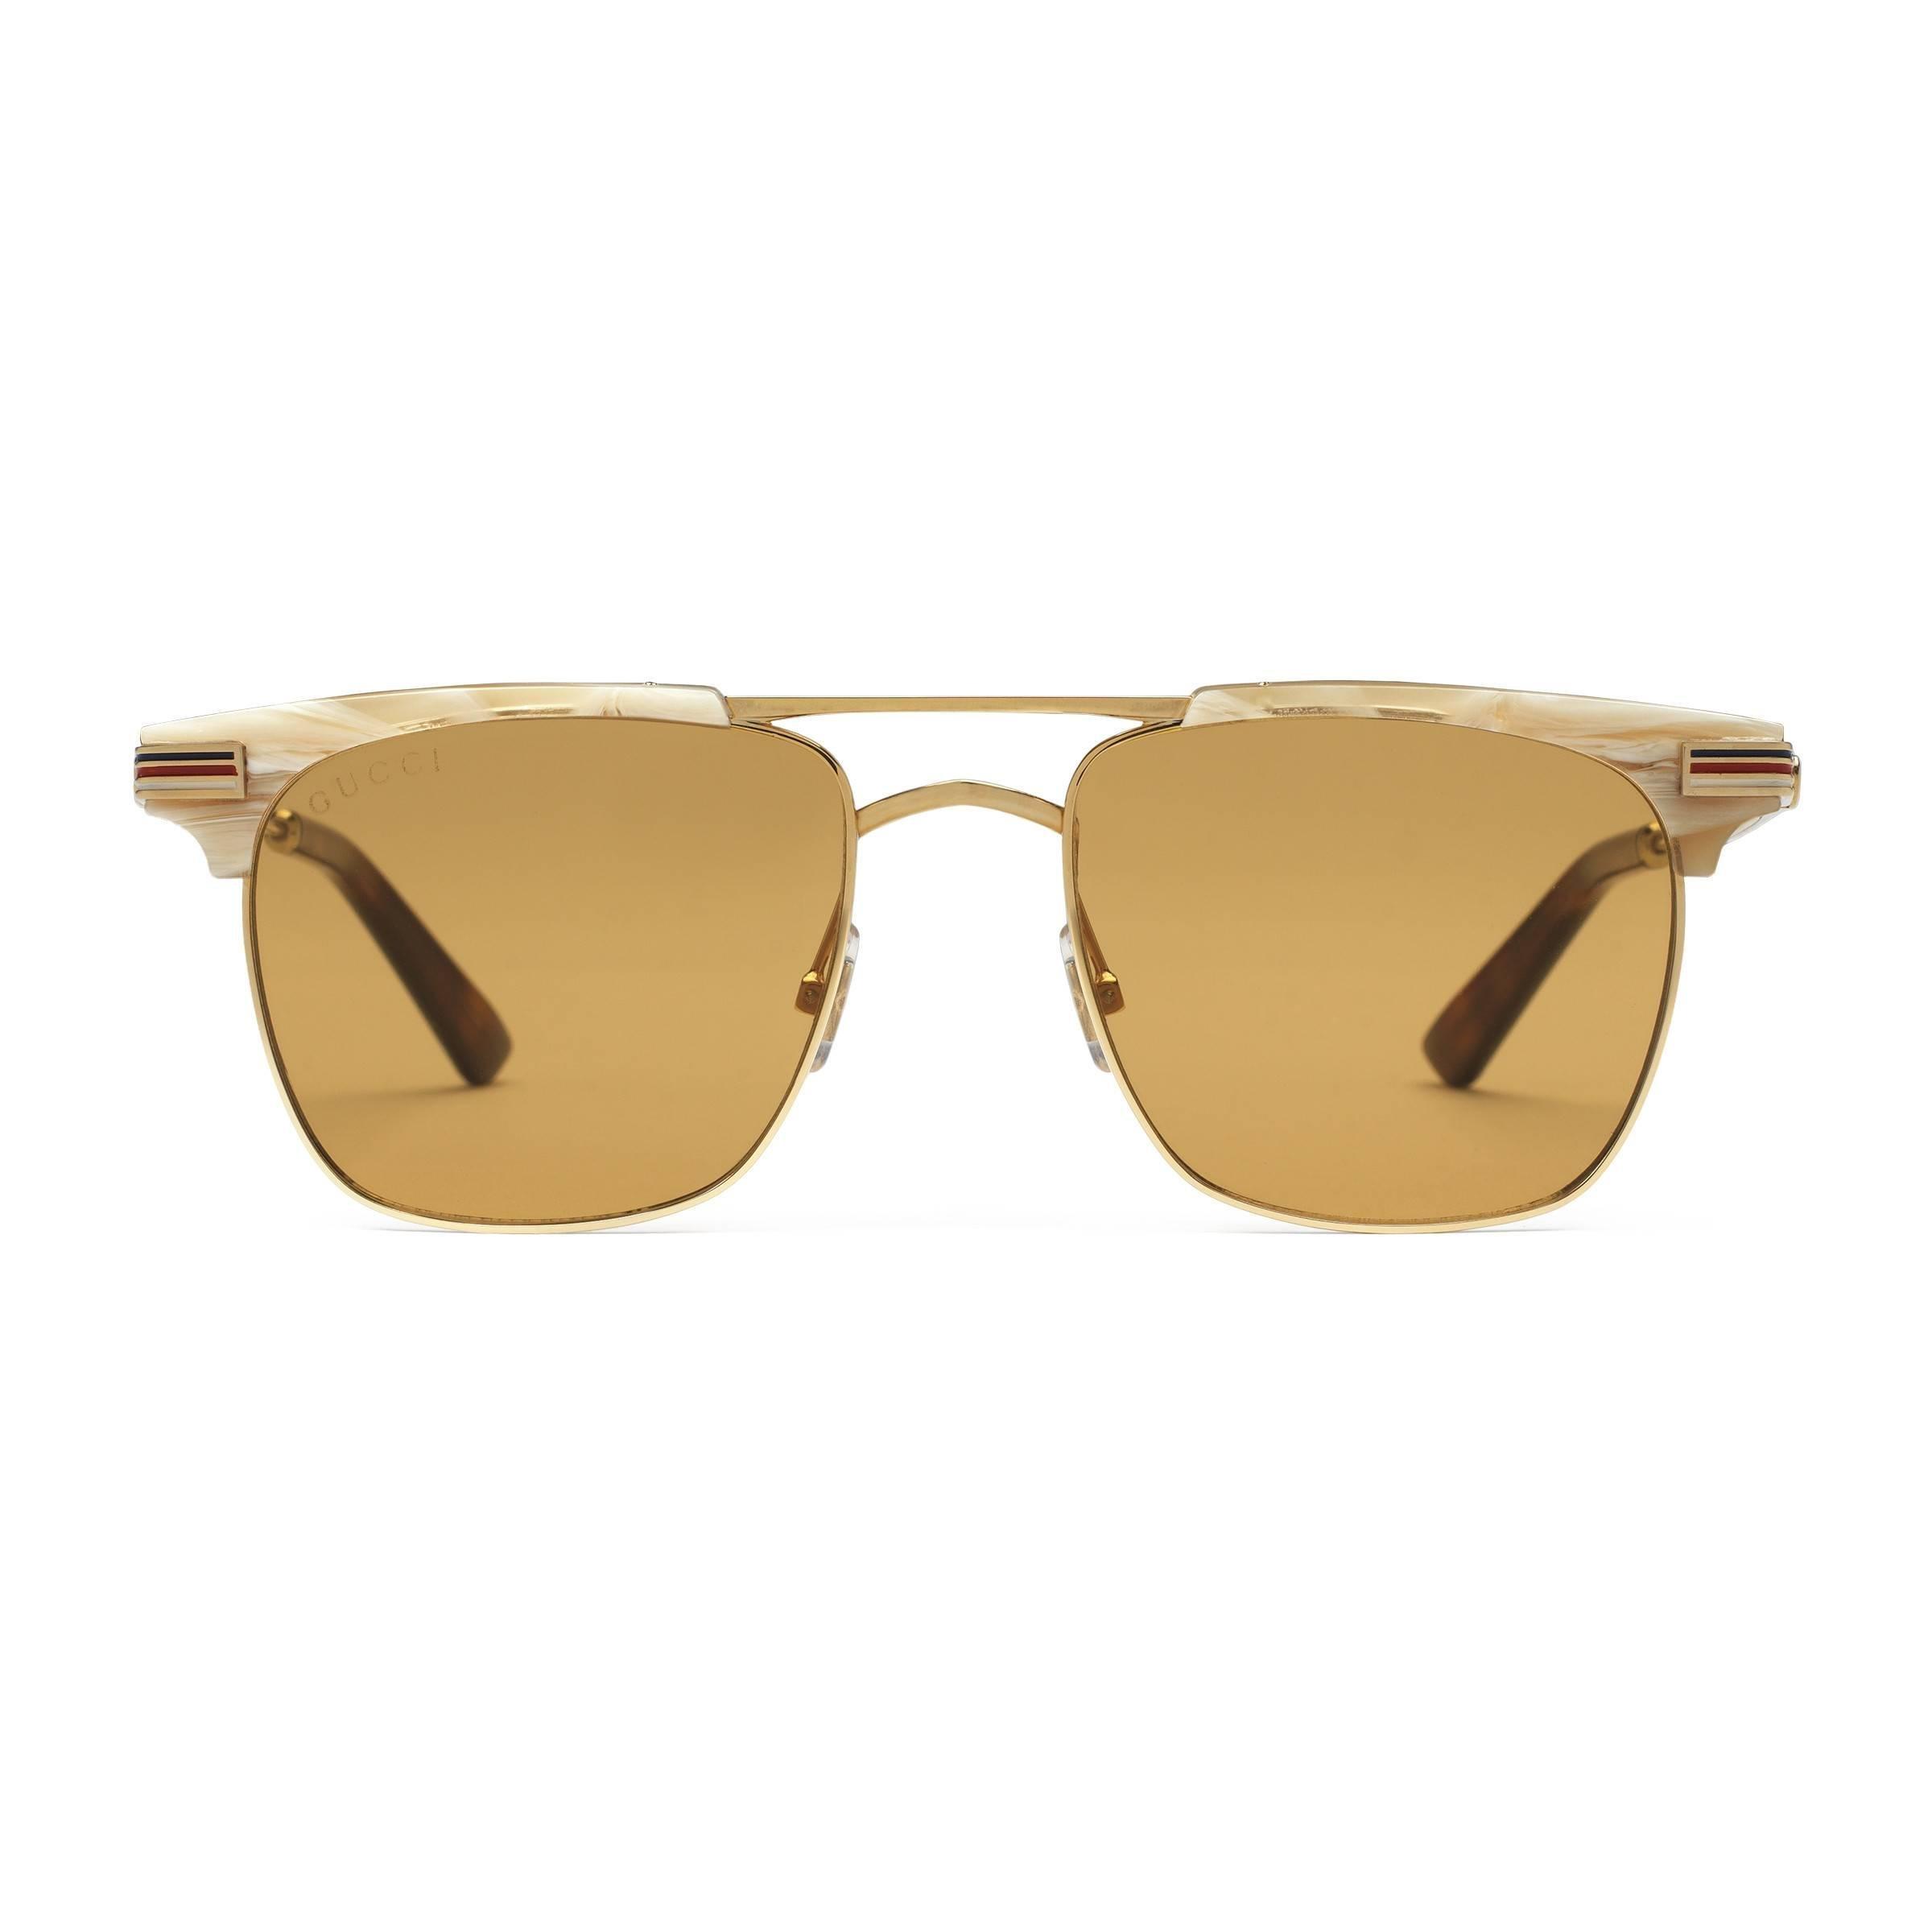 09fad76147 Gafas de sol cuadradas de metal Gucci de hombre de color Marrón - Lyst